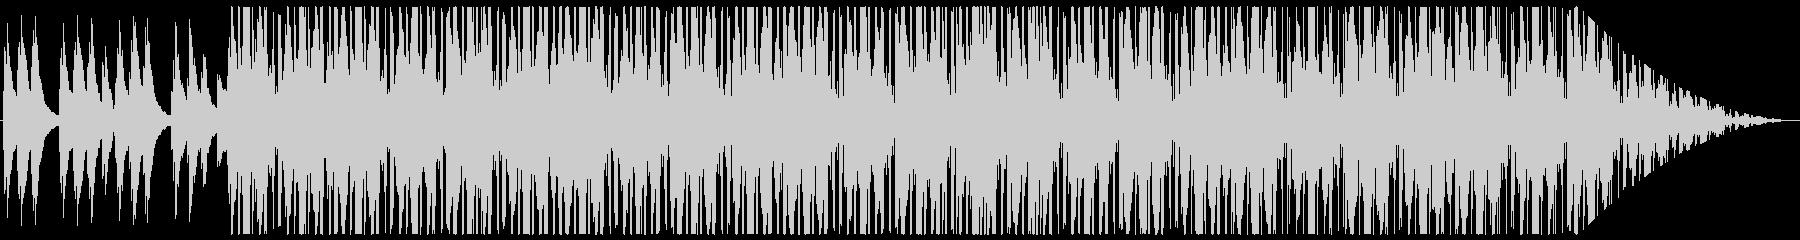 和の雰囲気を持ったヒップホップの未再生の波形